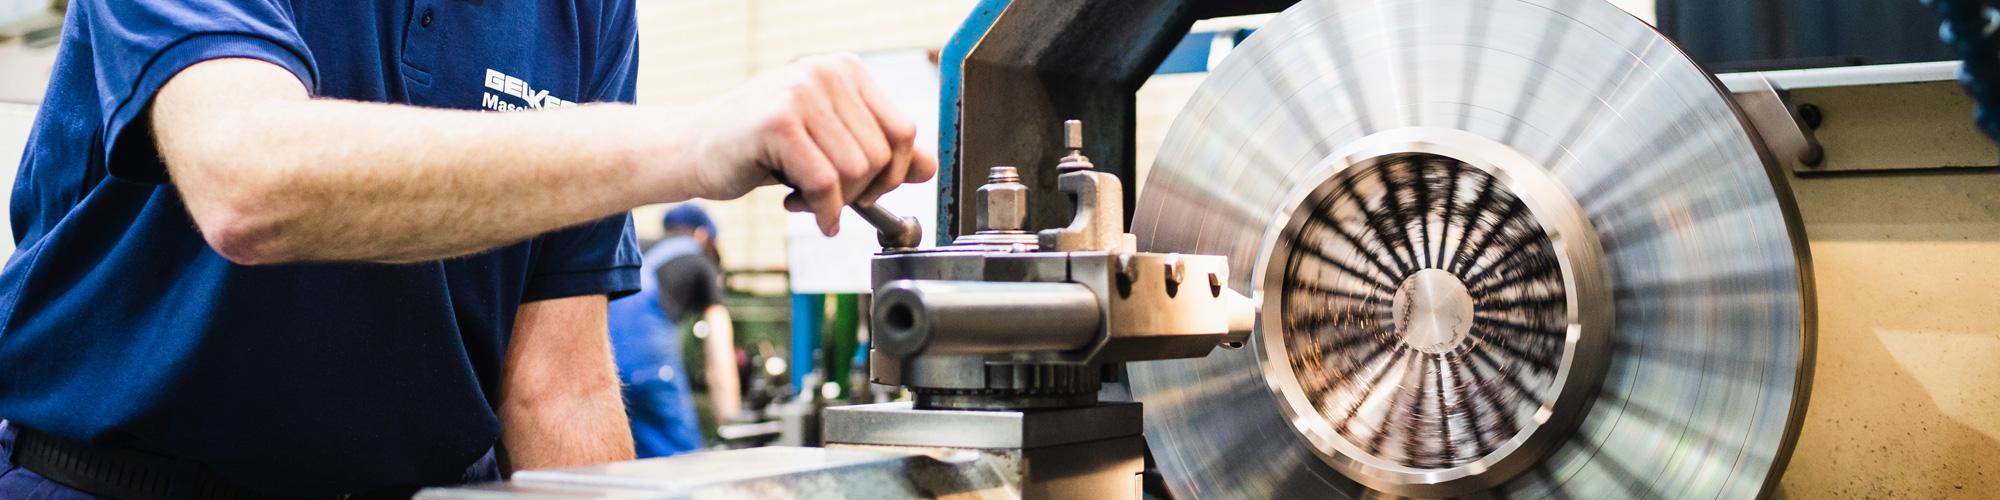 Geukes GmbH - Maschinenbau - Drehen